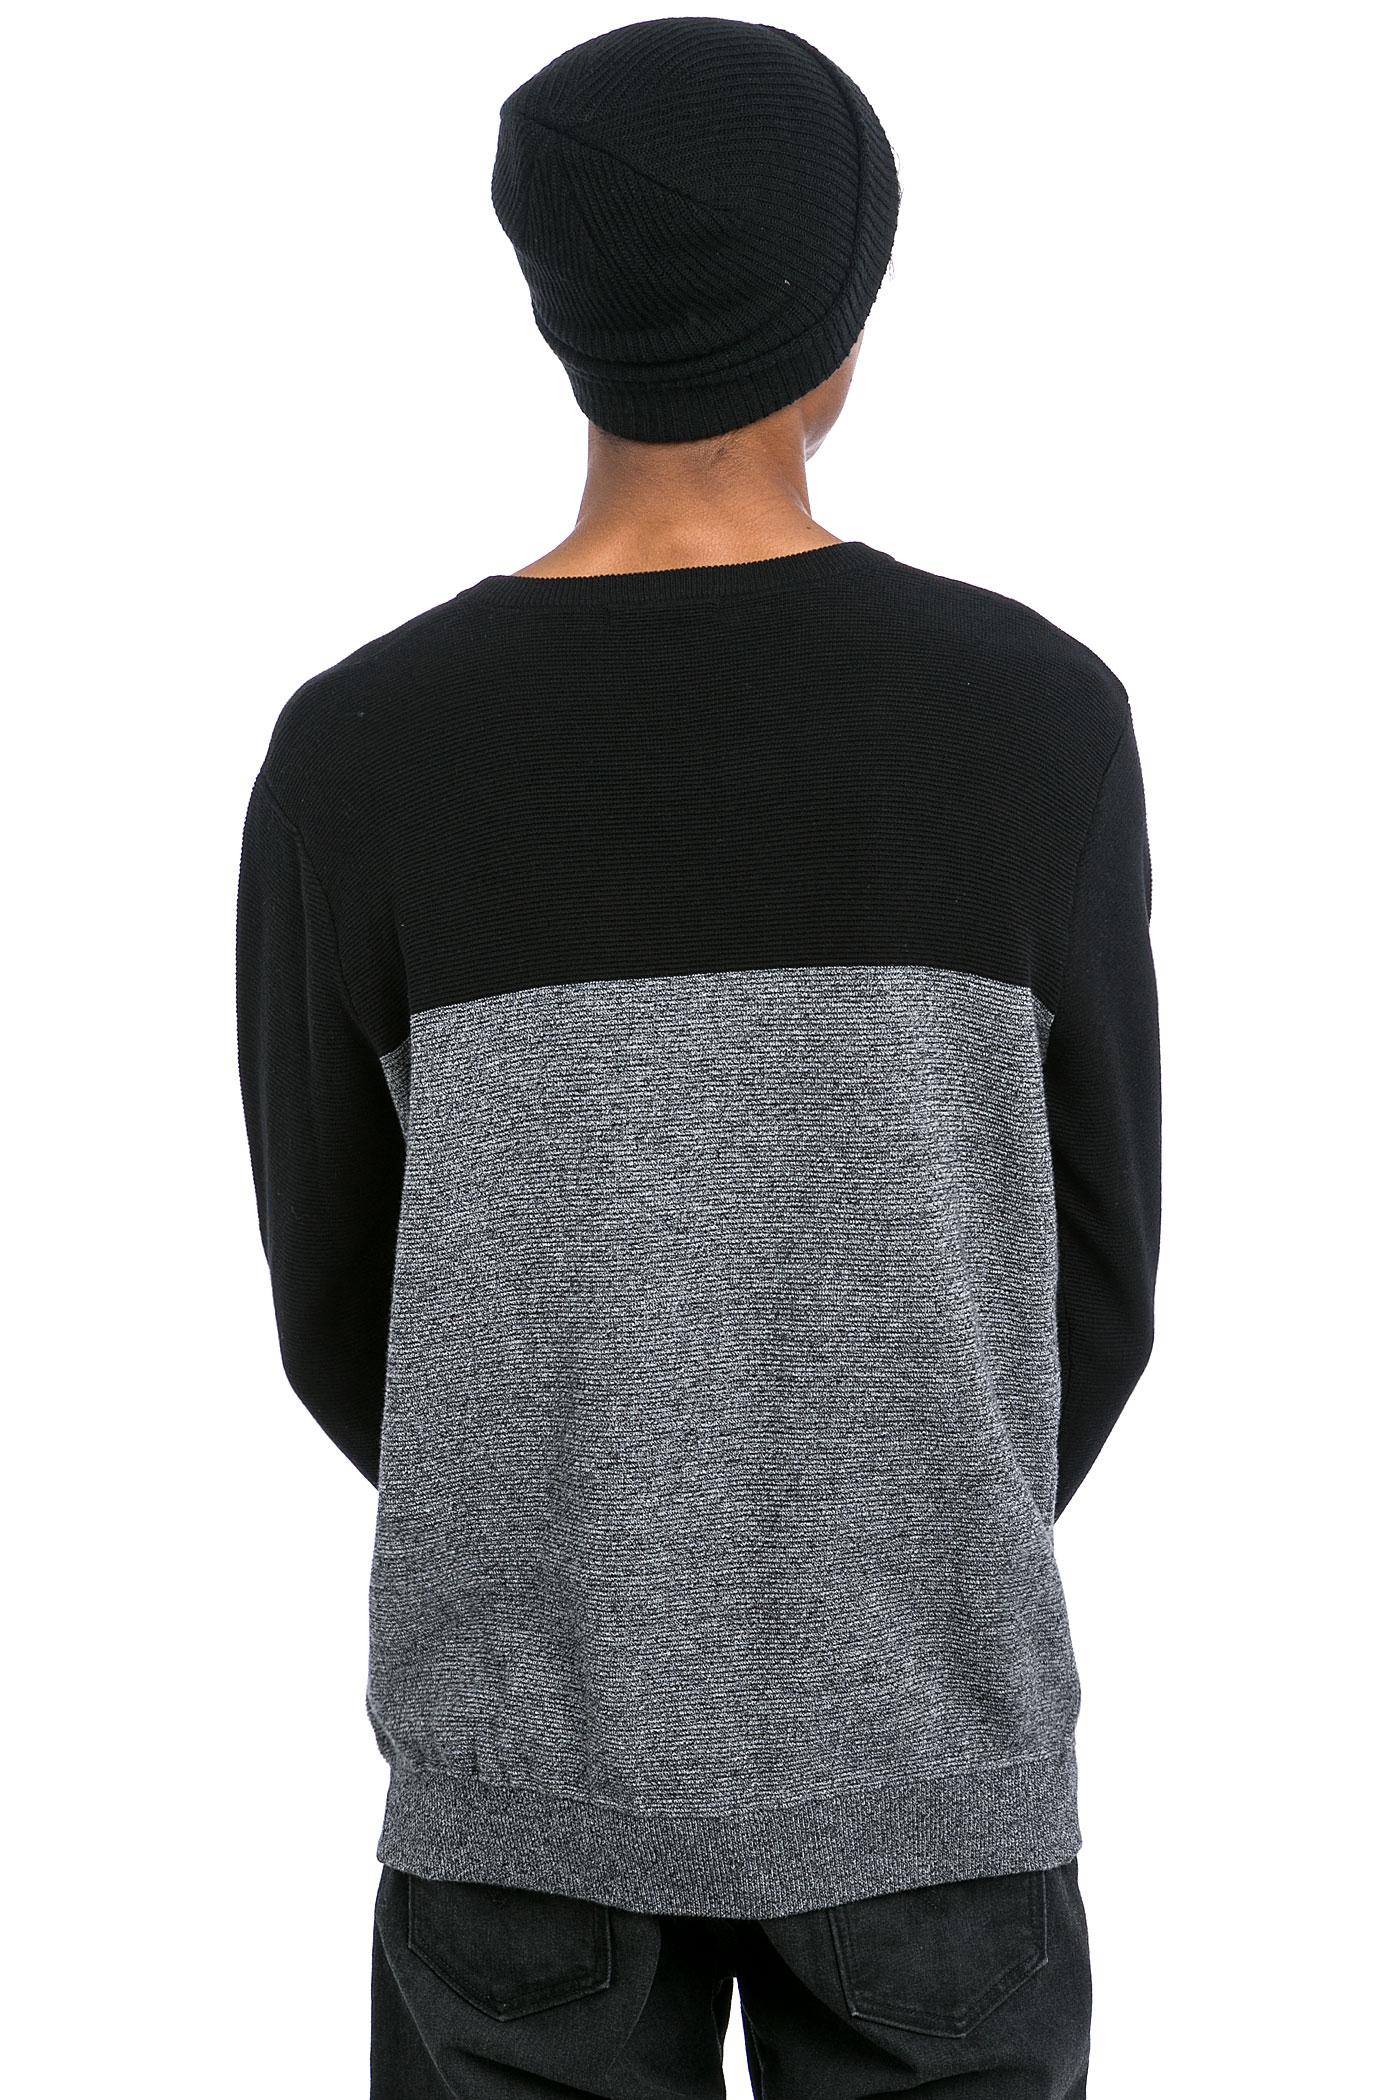 iriedaily auf deck stripe sweatshirt salt n pep kaufen bei skatedeluxe. Black Bedroom Furniture Sets. Home Design Ideas